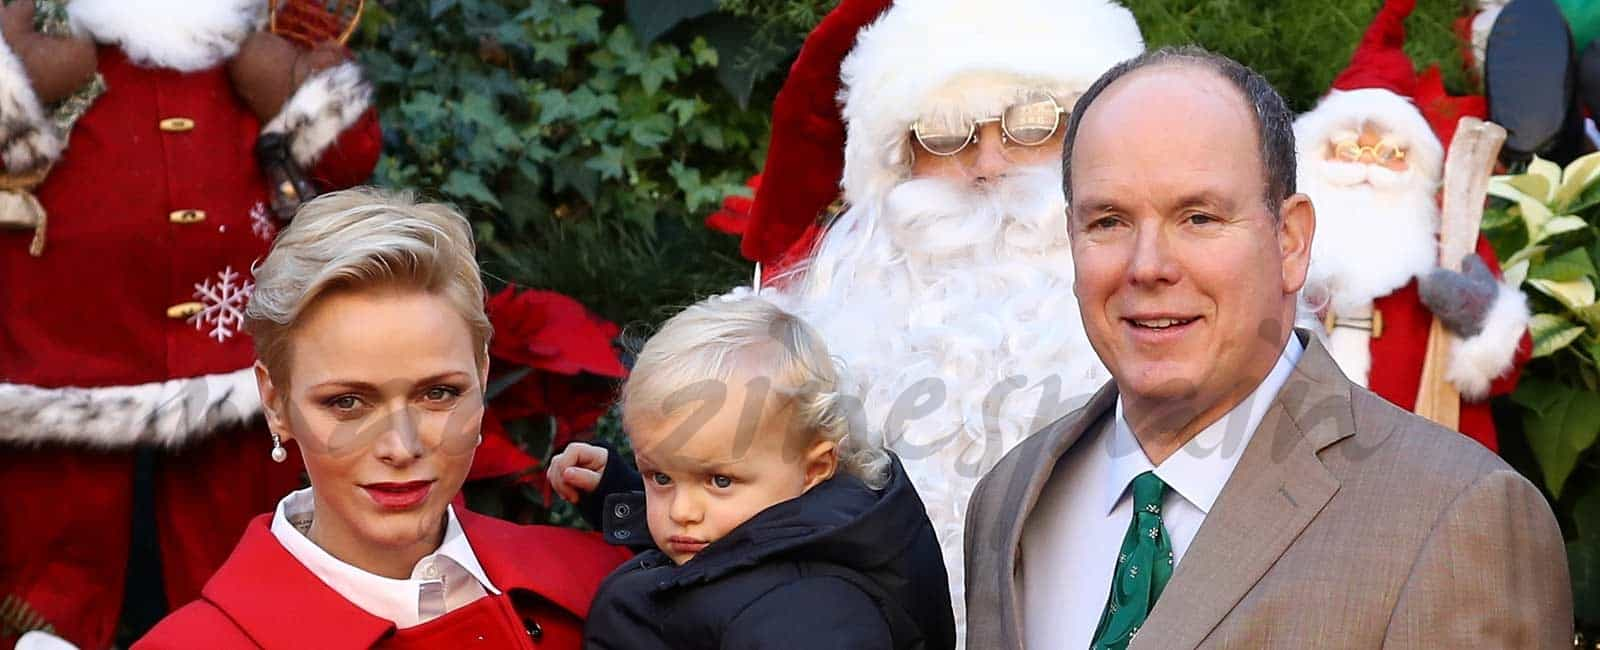 La Navidad llega al Palacio de Mónaco